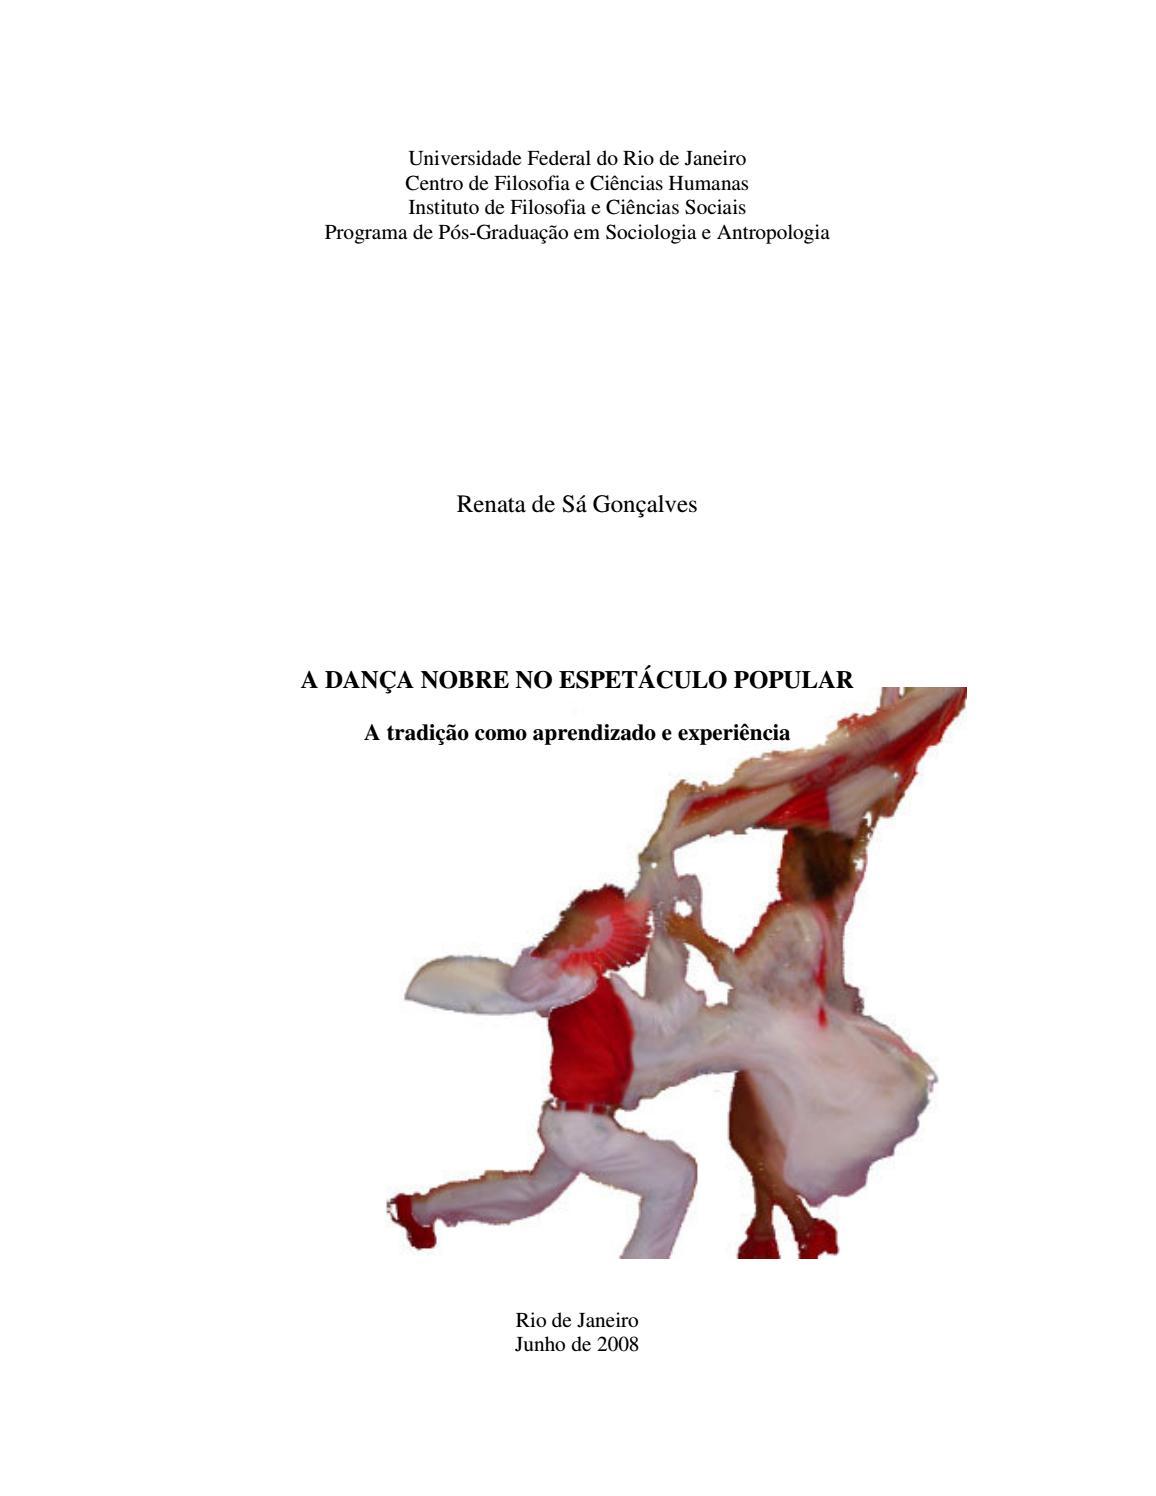 A dança nobre no espetáculo popular  a tradição como aprendizado e  experiência by Portal Academia do Samba - issuu 509b3e8096cd6